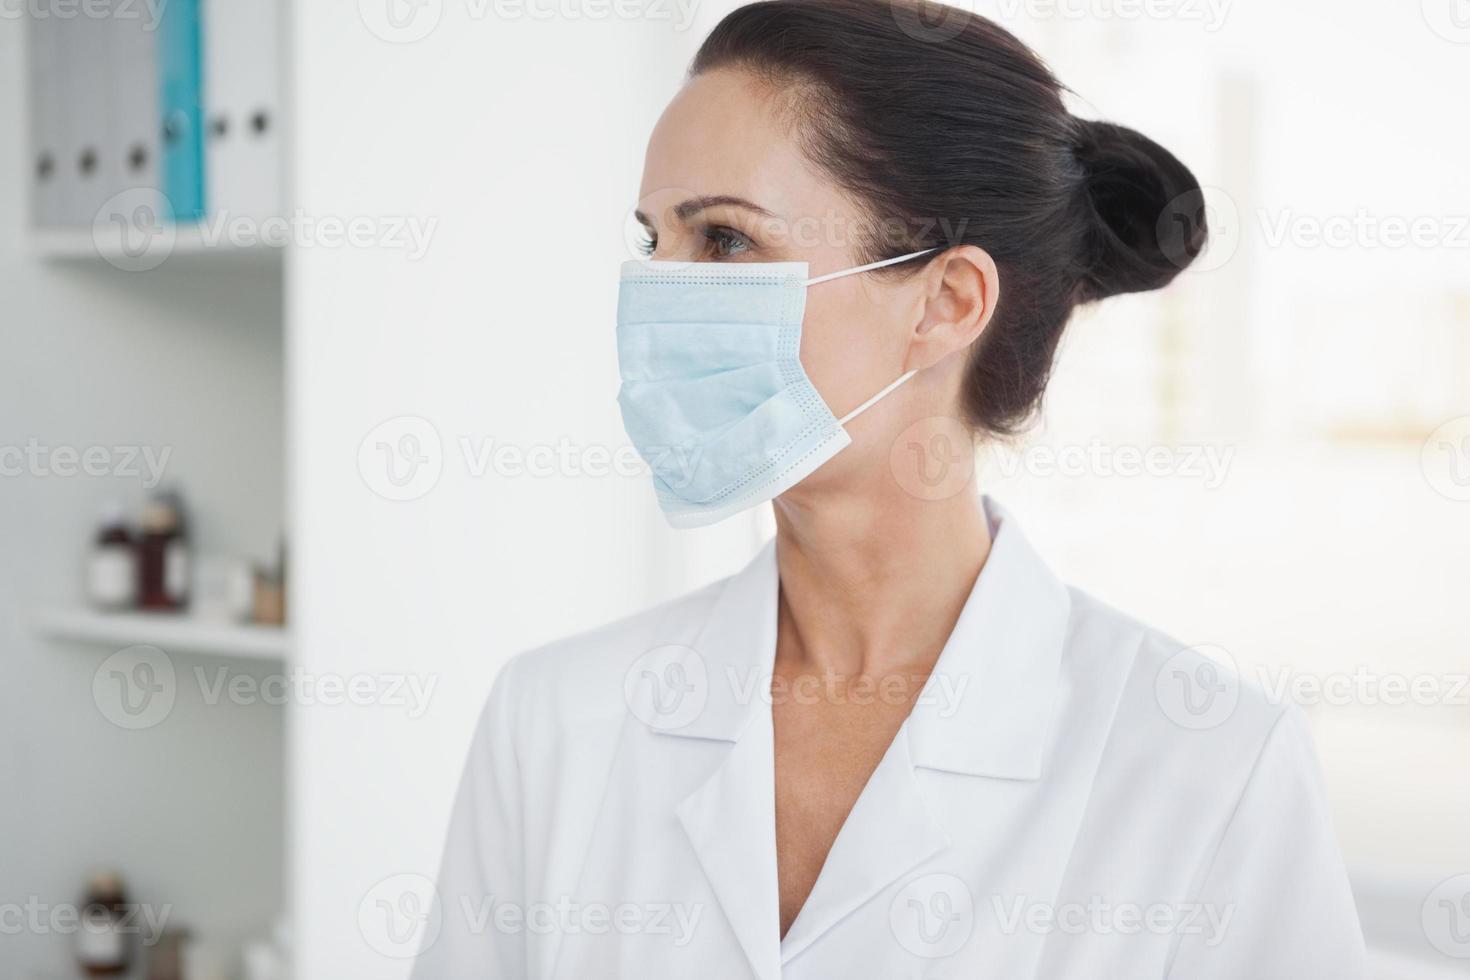 médico vestindo uma máscara cirúrgica foto